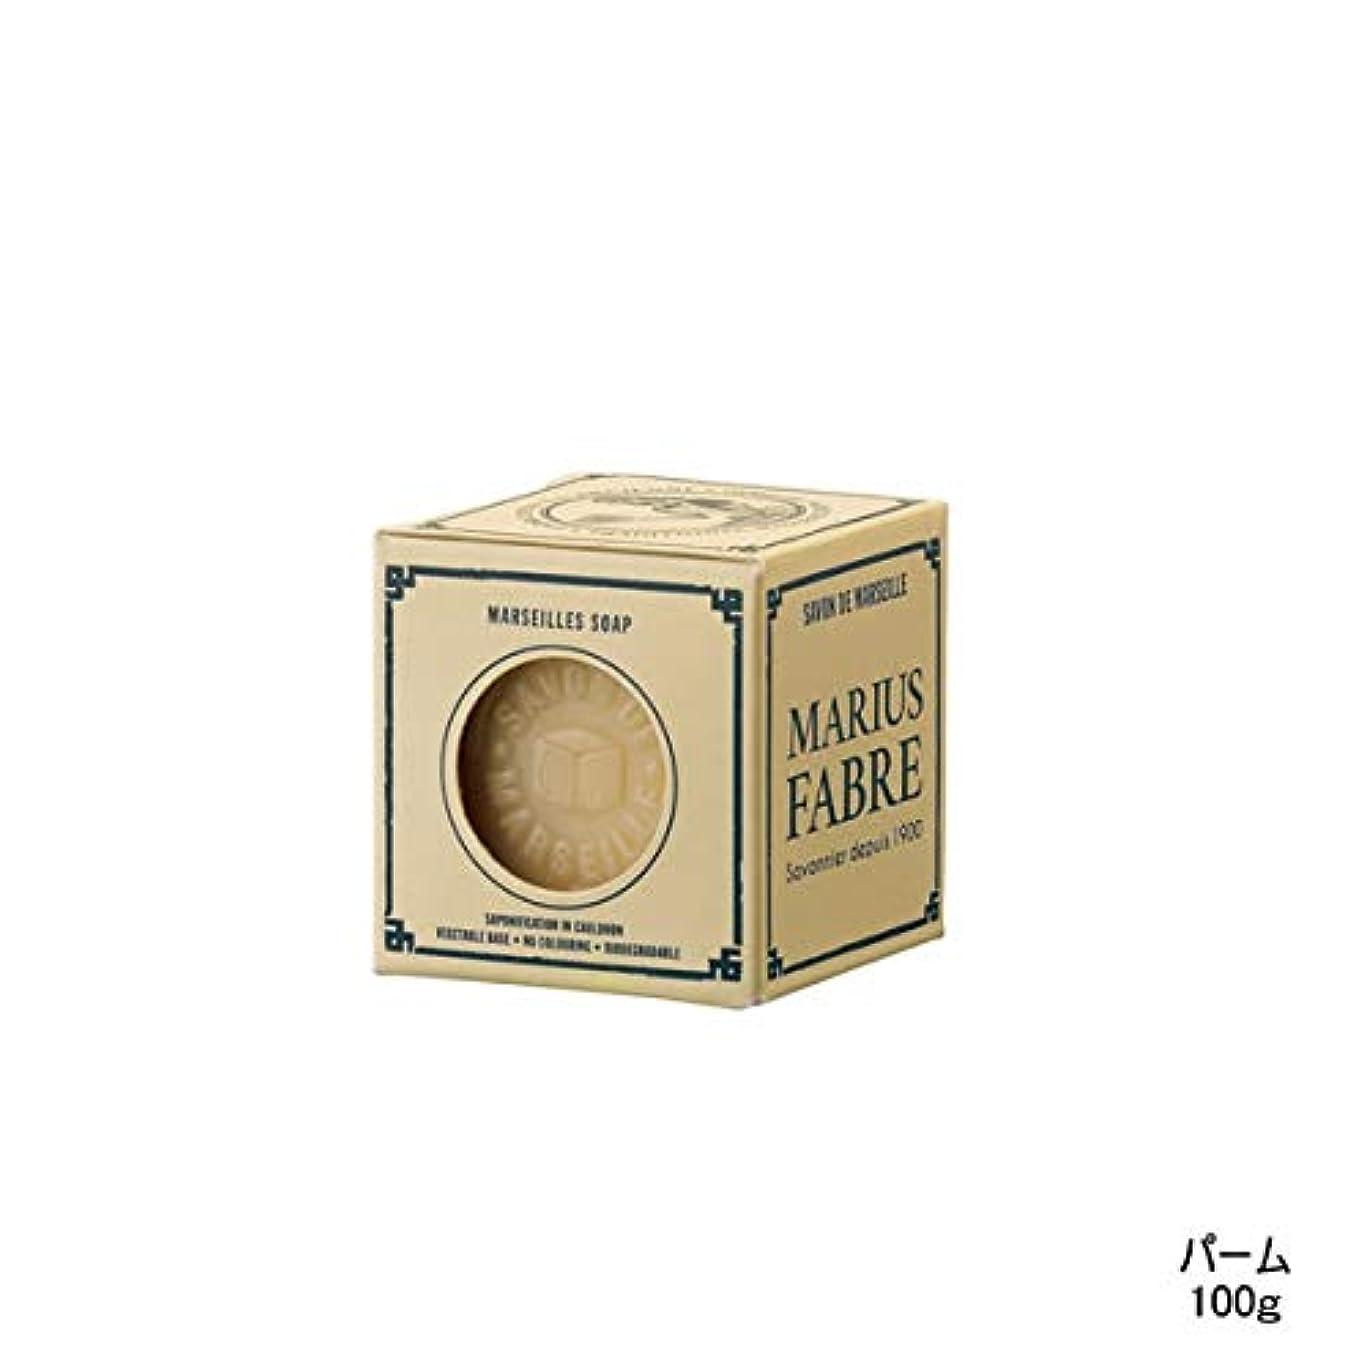 好奇心ゾーン極めて重要なマリウス ファーブル サボン ド マルセイユ ネイチャー パーム 100g [並行輸入品]